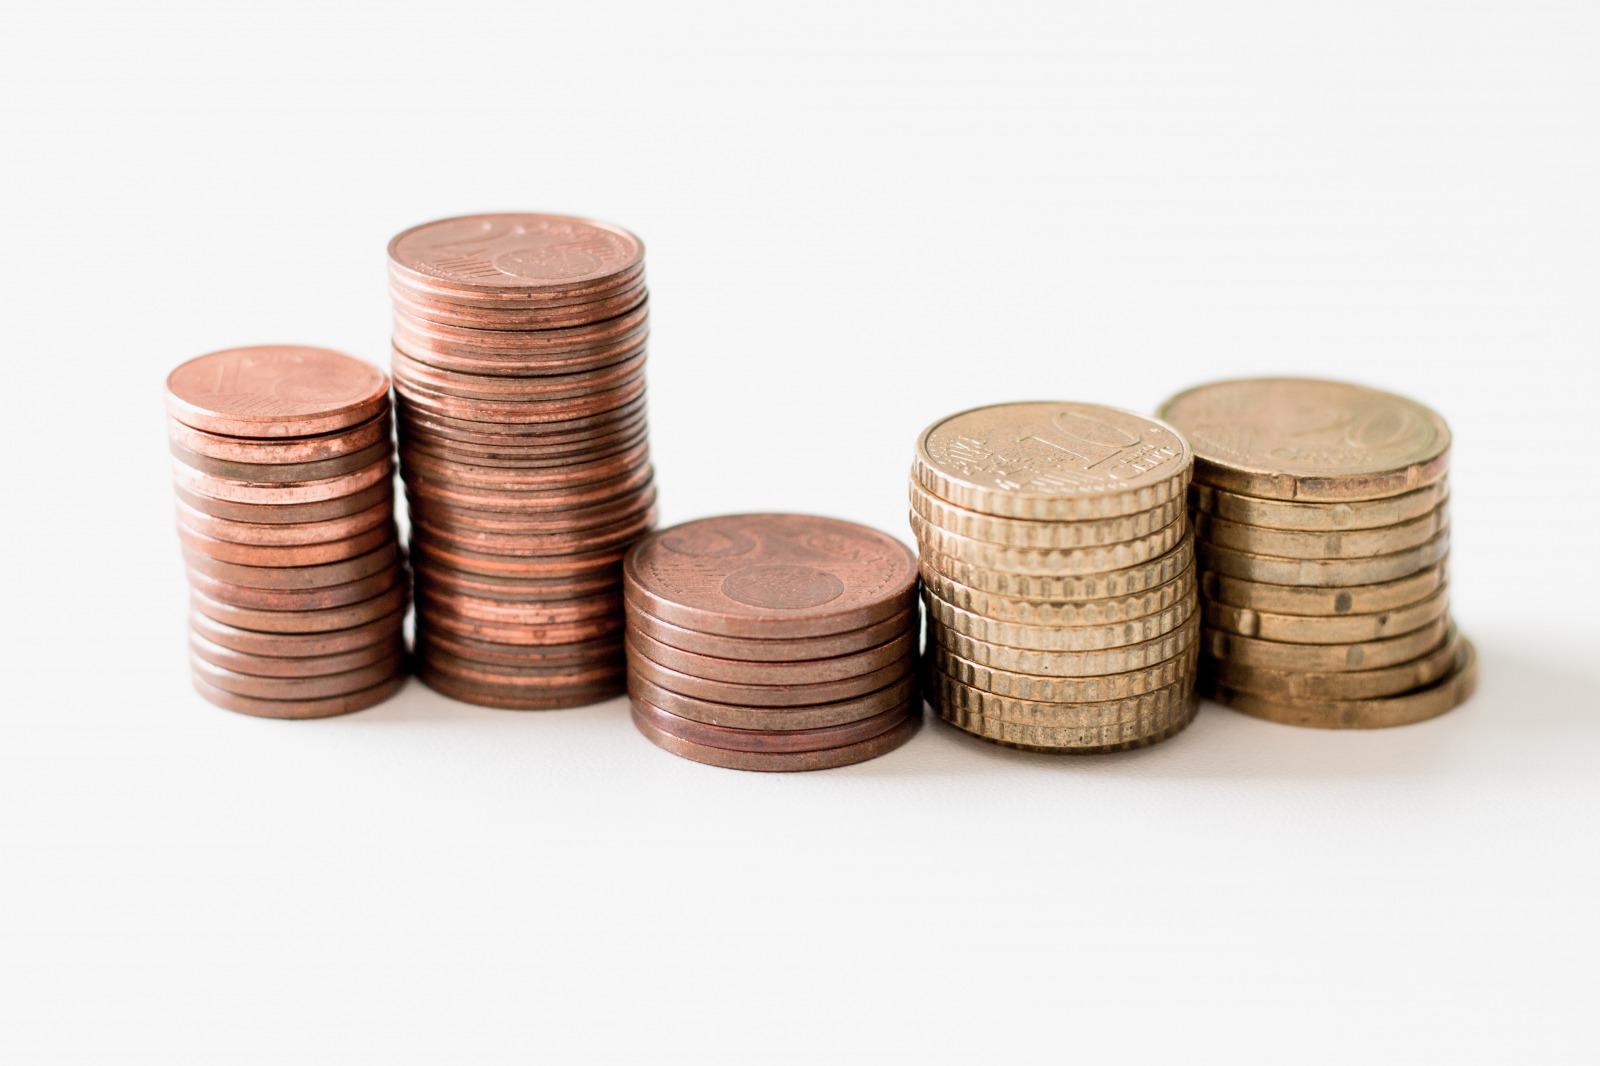 平均年収は減少傾向にある